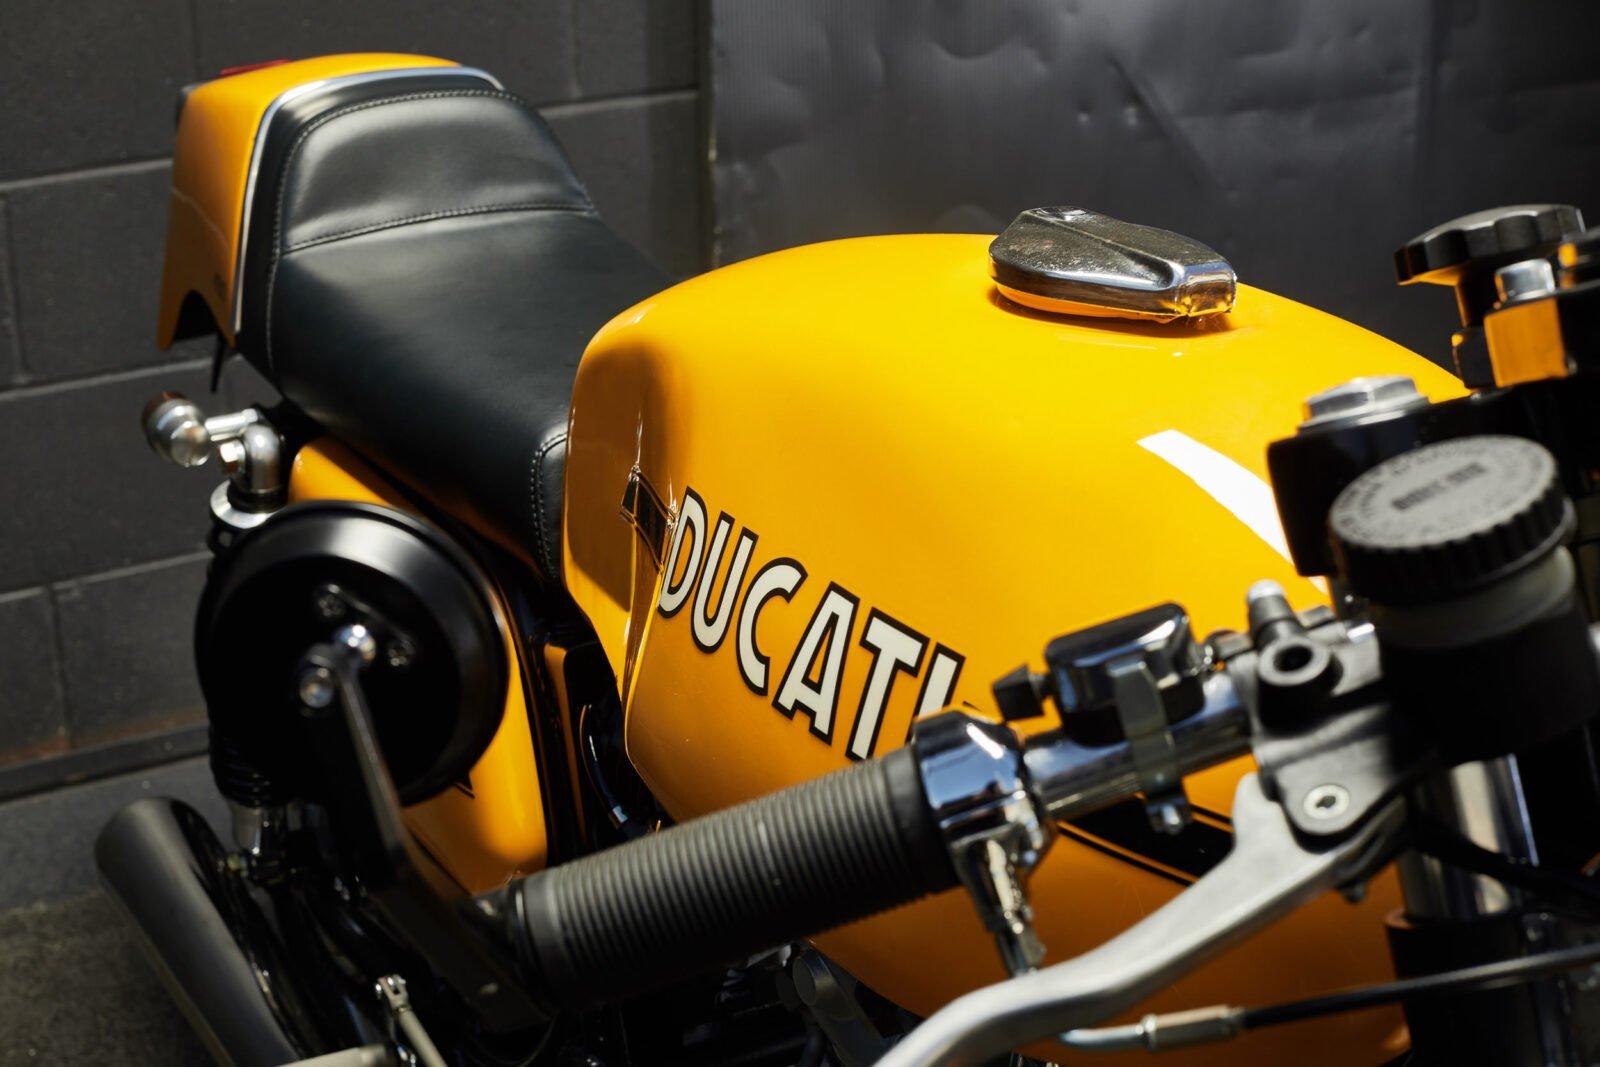 Ducati 450 Desmo 13 1600x1067 - 1974 Ducati 450 Desmo MK 3